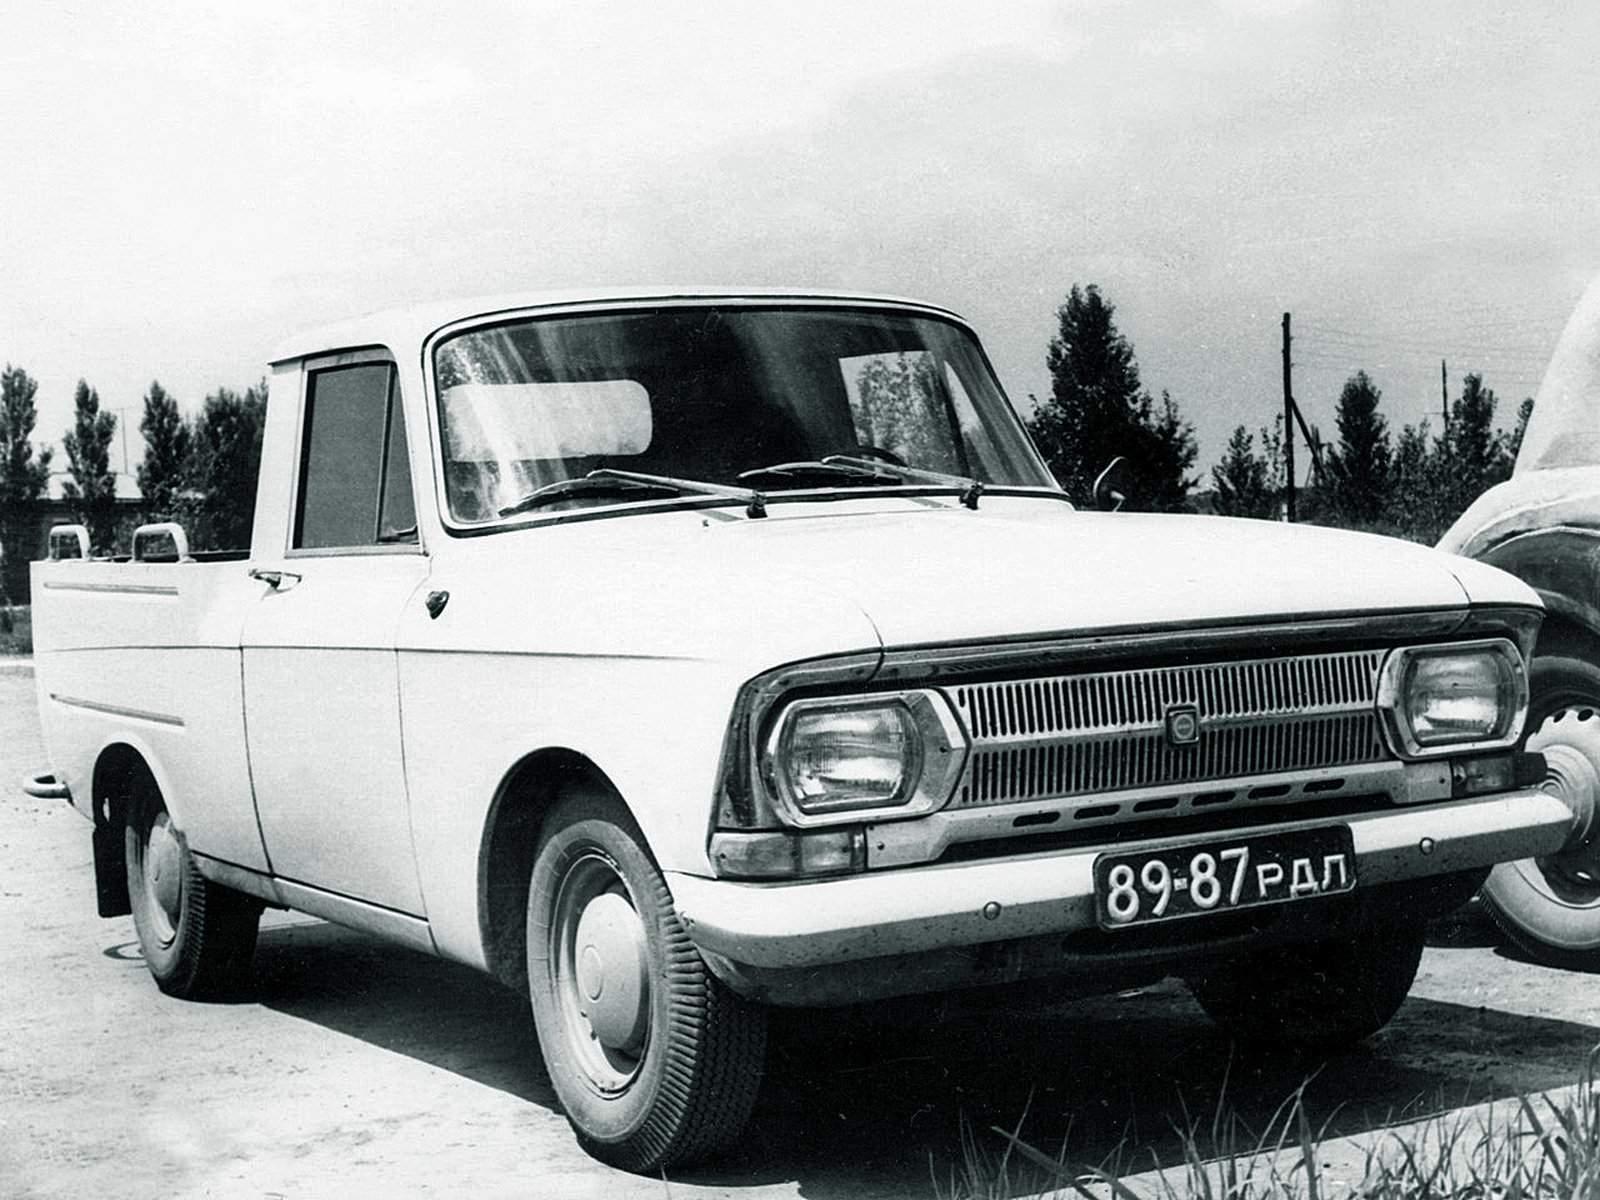 1974-1982. Izh-27151